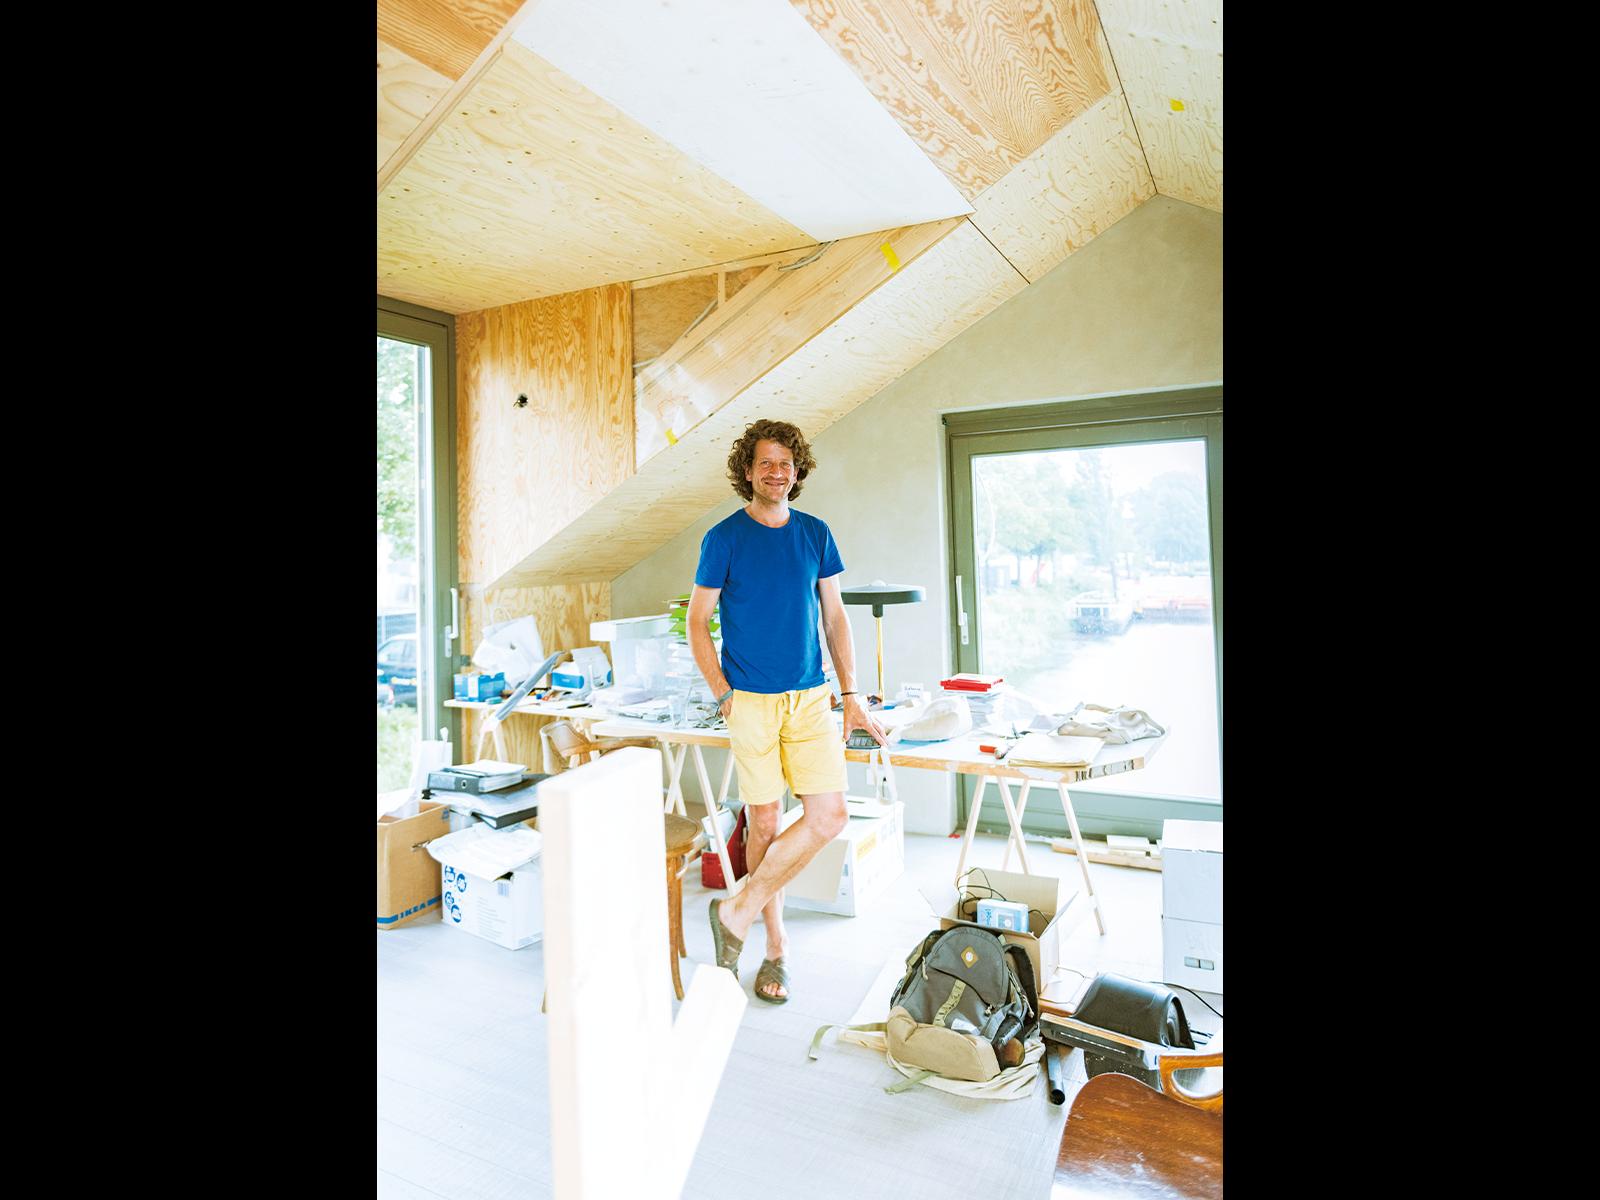 「この部屋の床材は竹。成長の早い竹は建材に最適なんです」とマタイズ・ブールドレズさん。